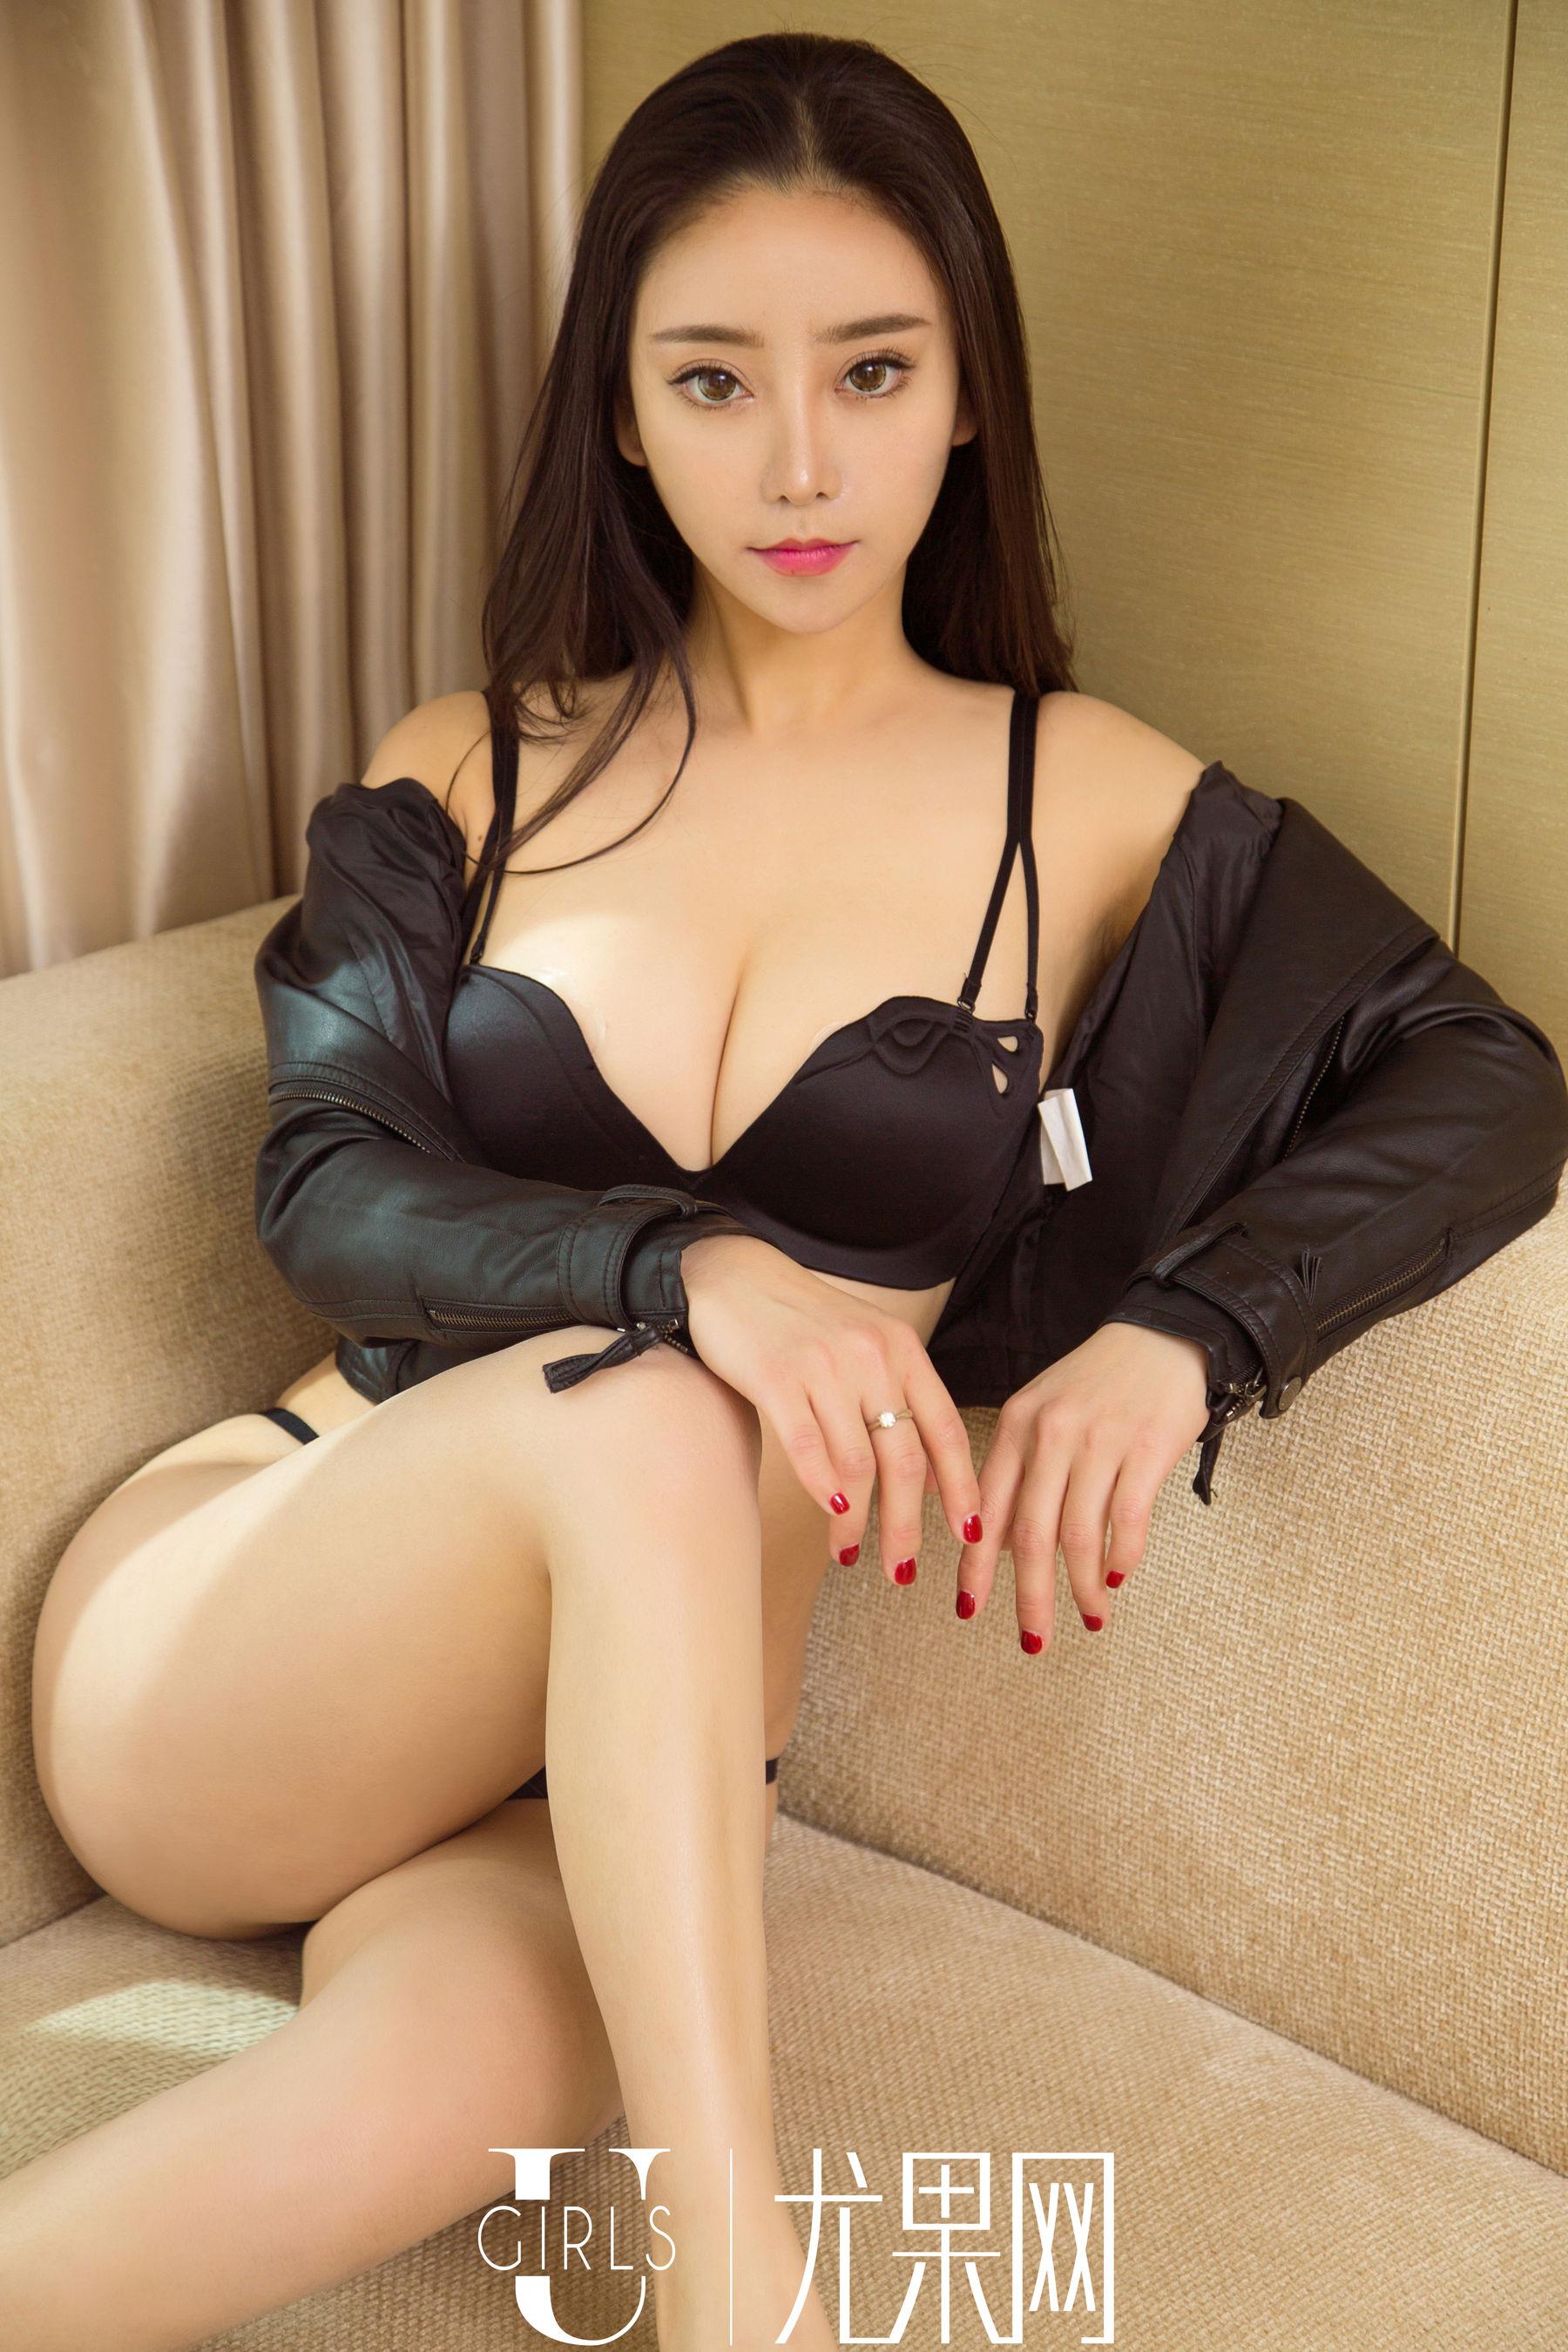 [尤果网]韩沫瑜(尤果模特韩沫瑜)U369超高清写真大图片(65P)|311热度